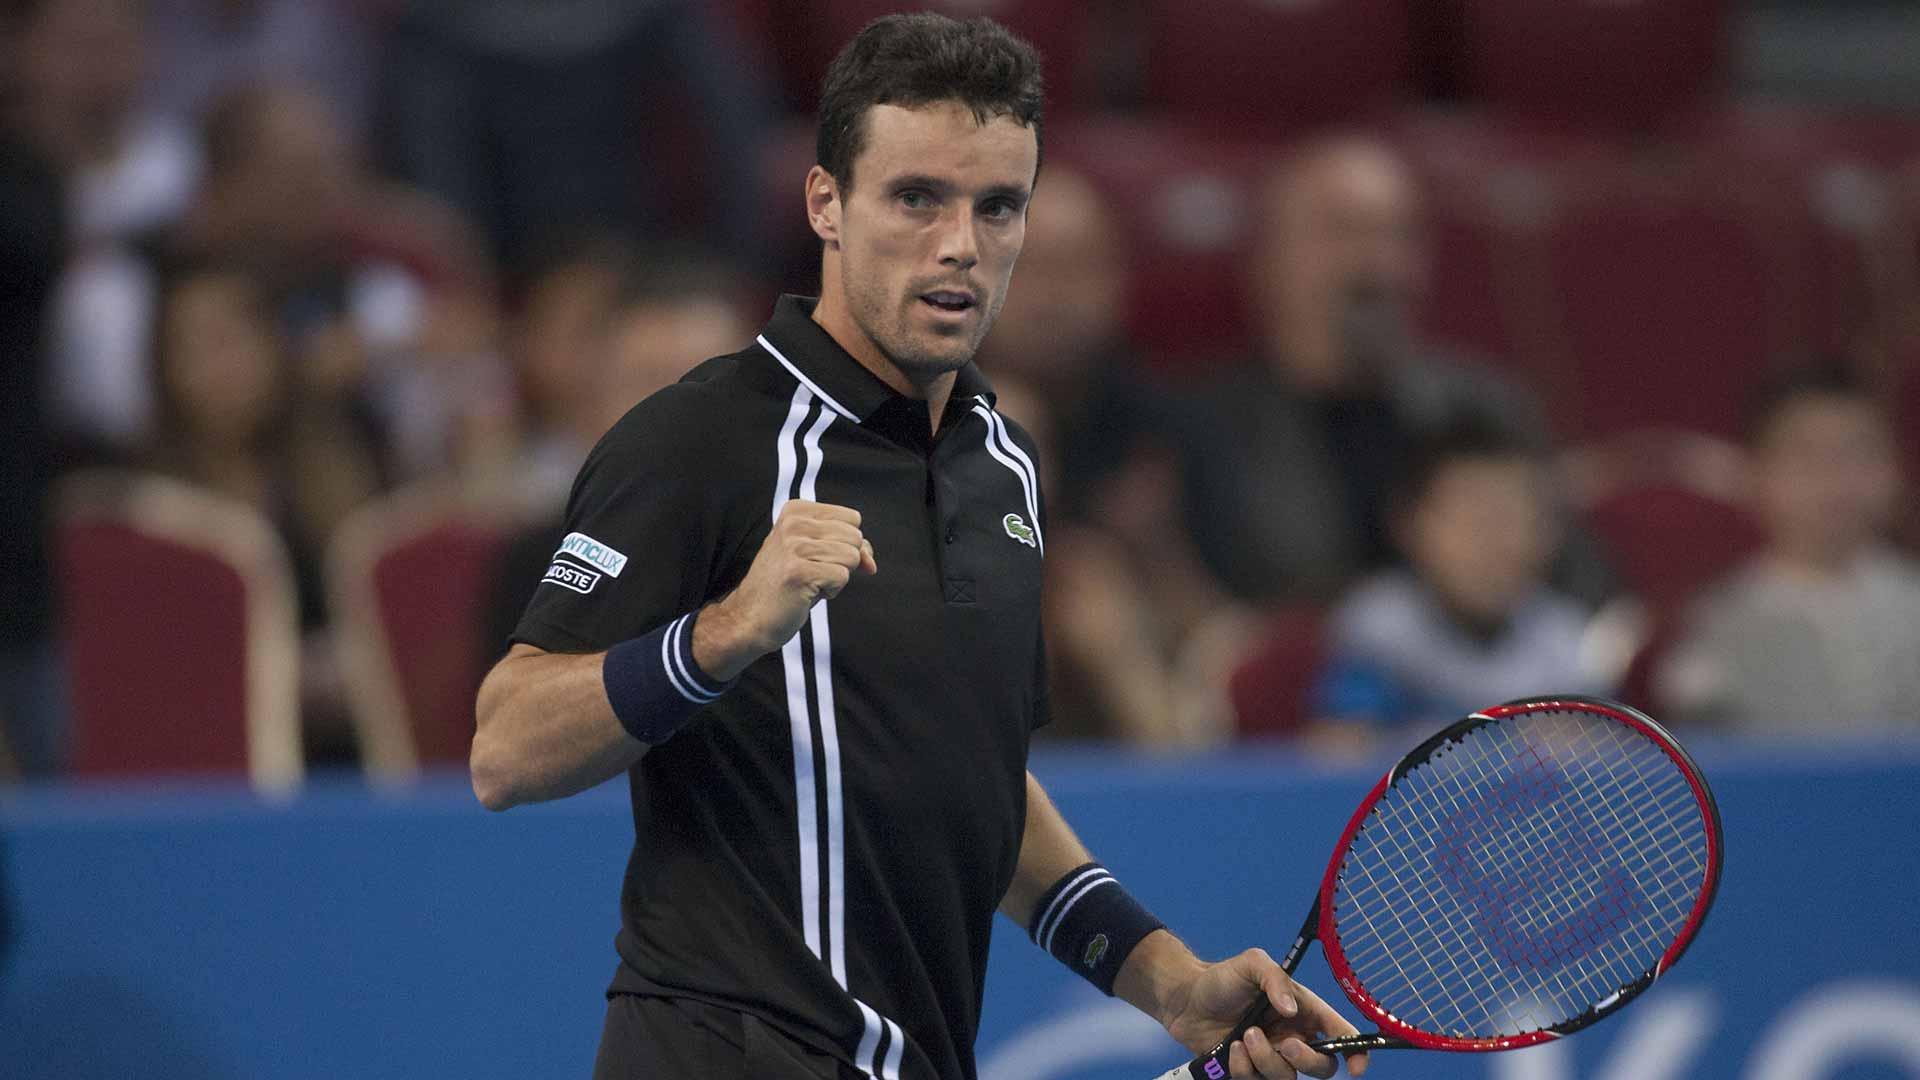 Roberto Bautista-Agut este liderul echipei de Cupa Davis a Spaniei, după ce Rafael Nadal și David Ferrer nu au fost convocați de Conchita Martinez